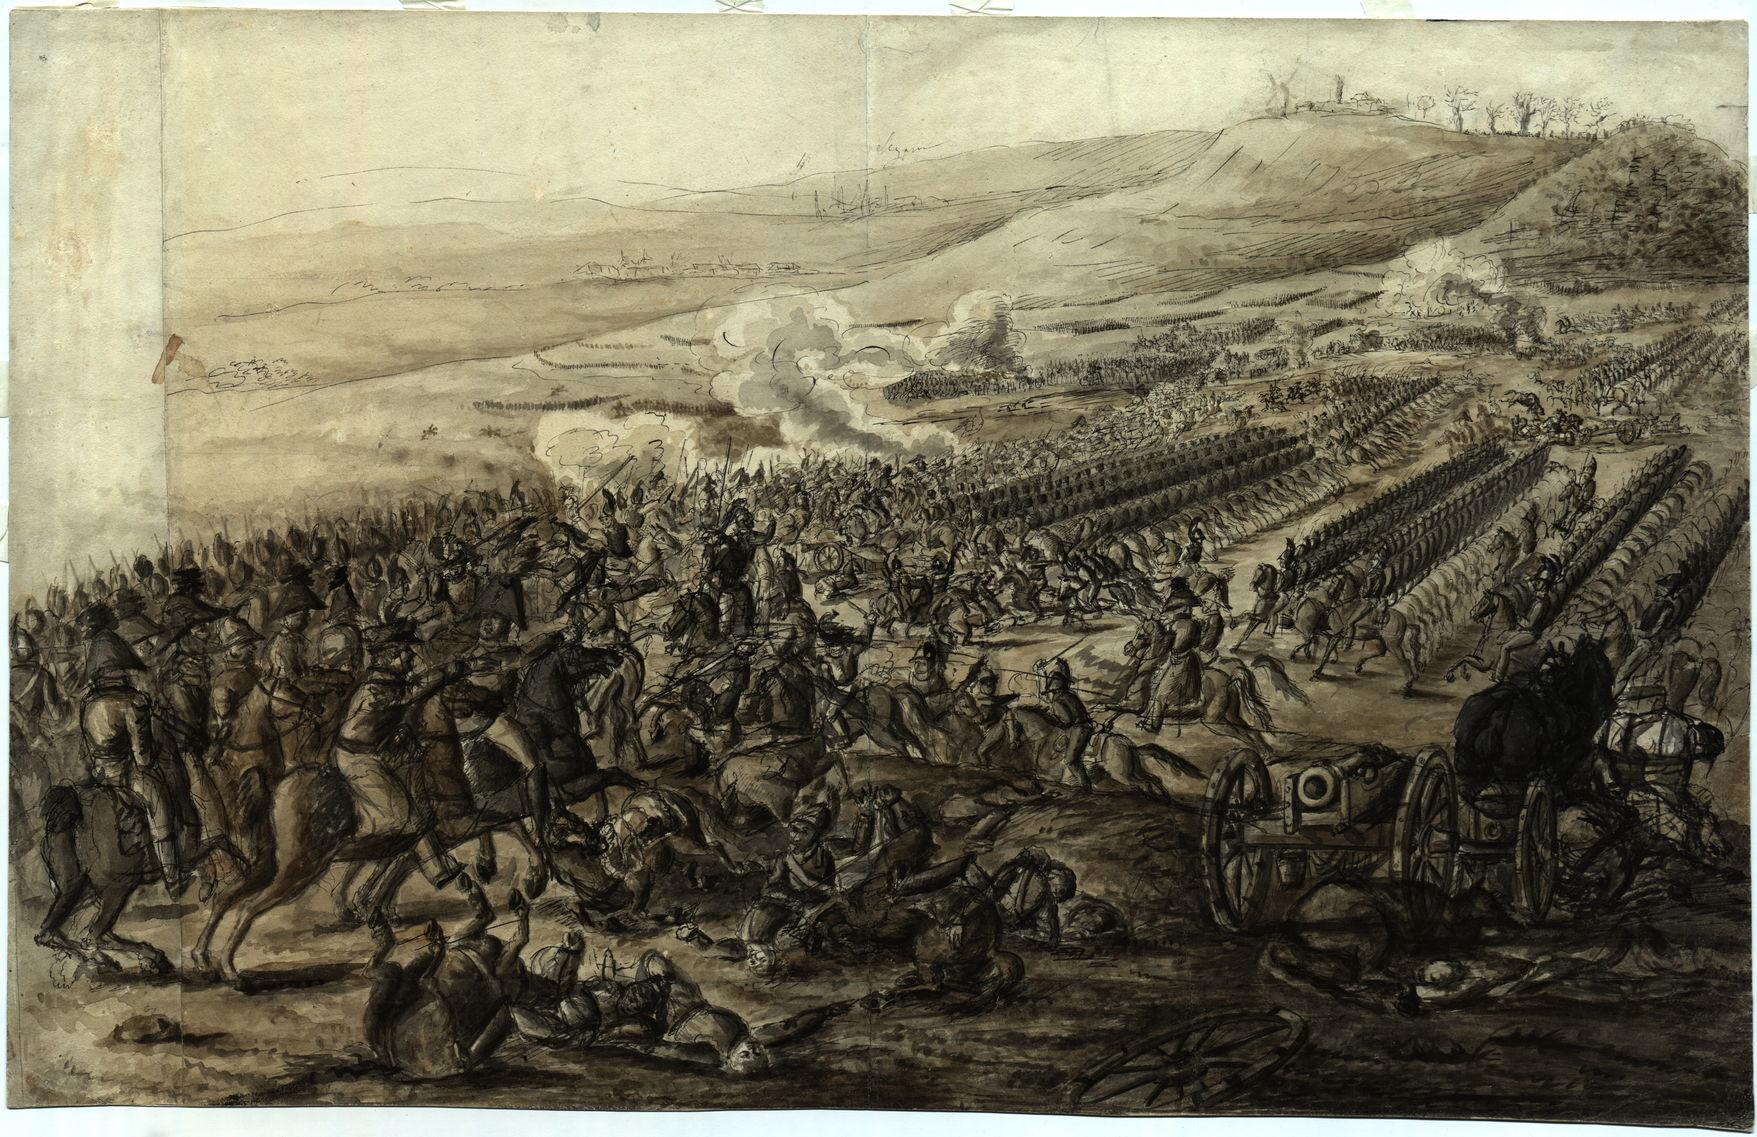 Неизвестный художник Кавалерийская атака. Эпизод сражения при Фер-Шампенуазе в 1813 году, 1816-1818 гг. Бумага, тушь, сепия, кисть, перо